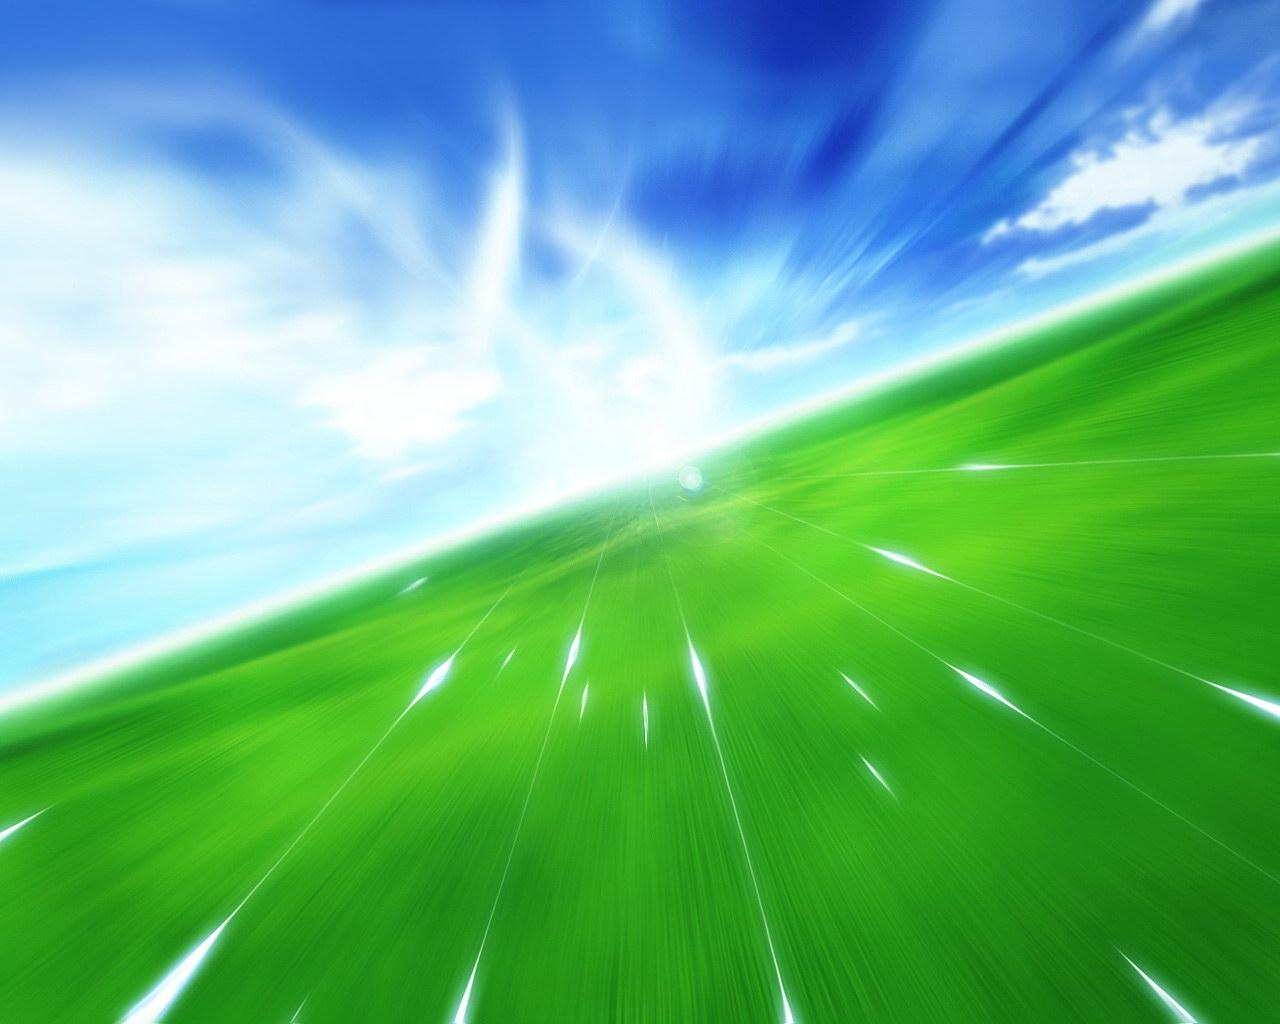 Hơn 300 hình nền đẹp chất lượng cao Full HD cho máy tính